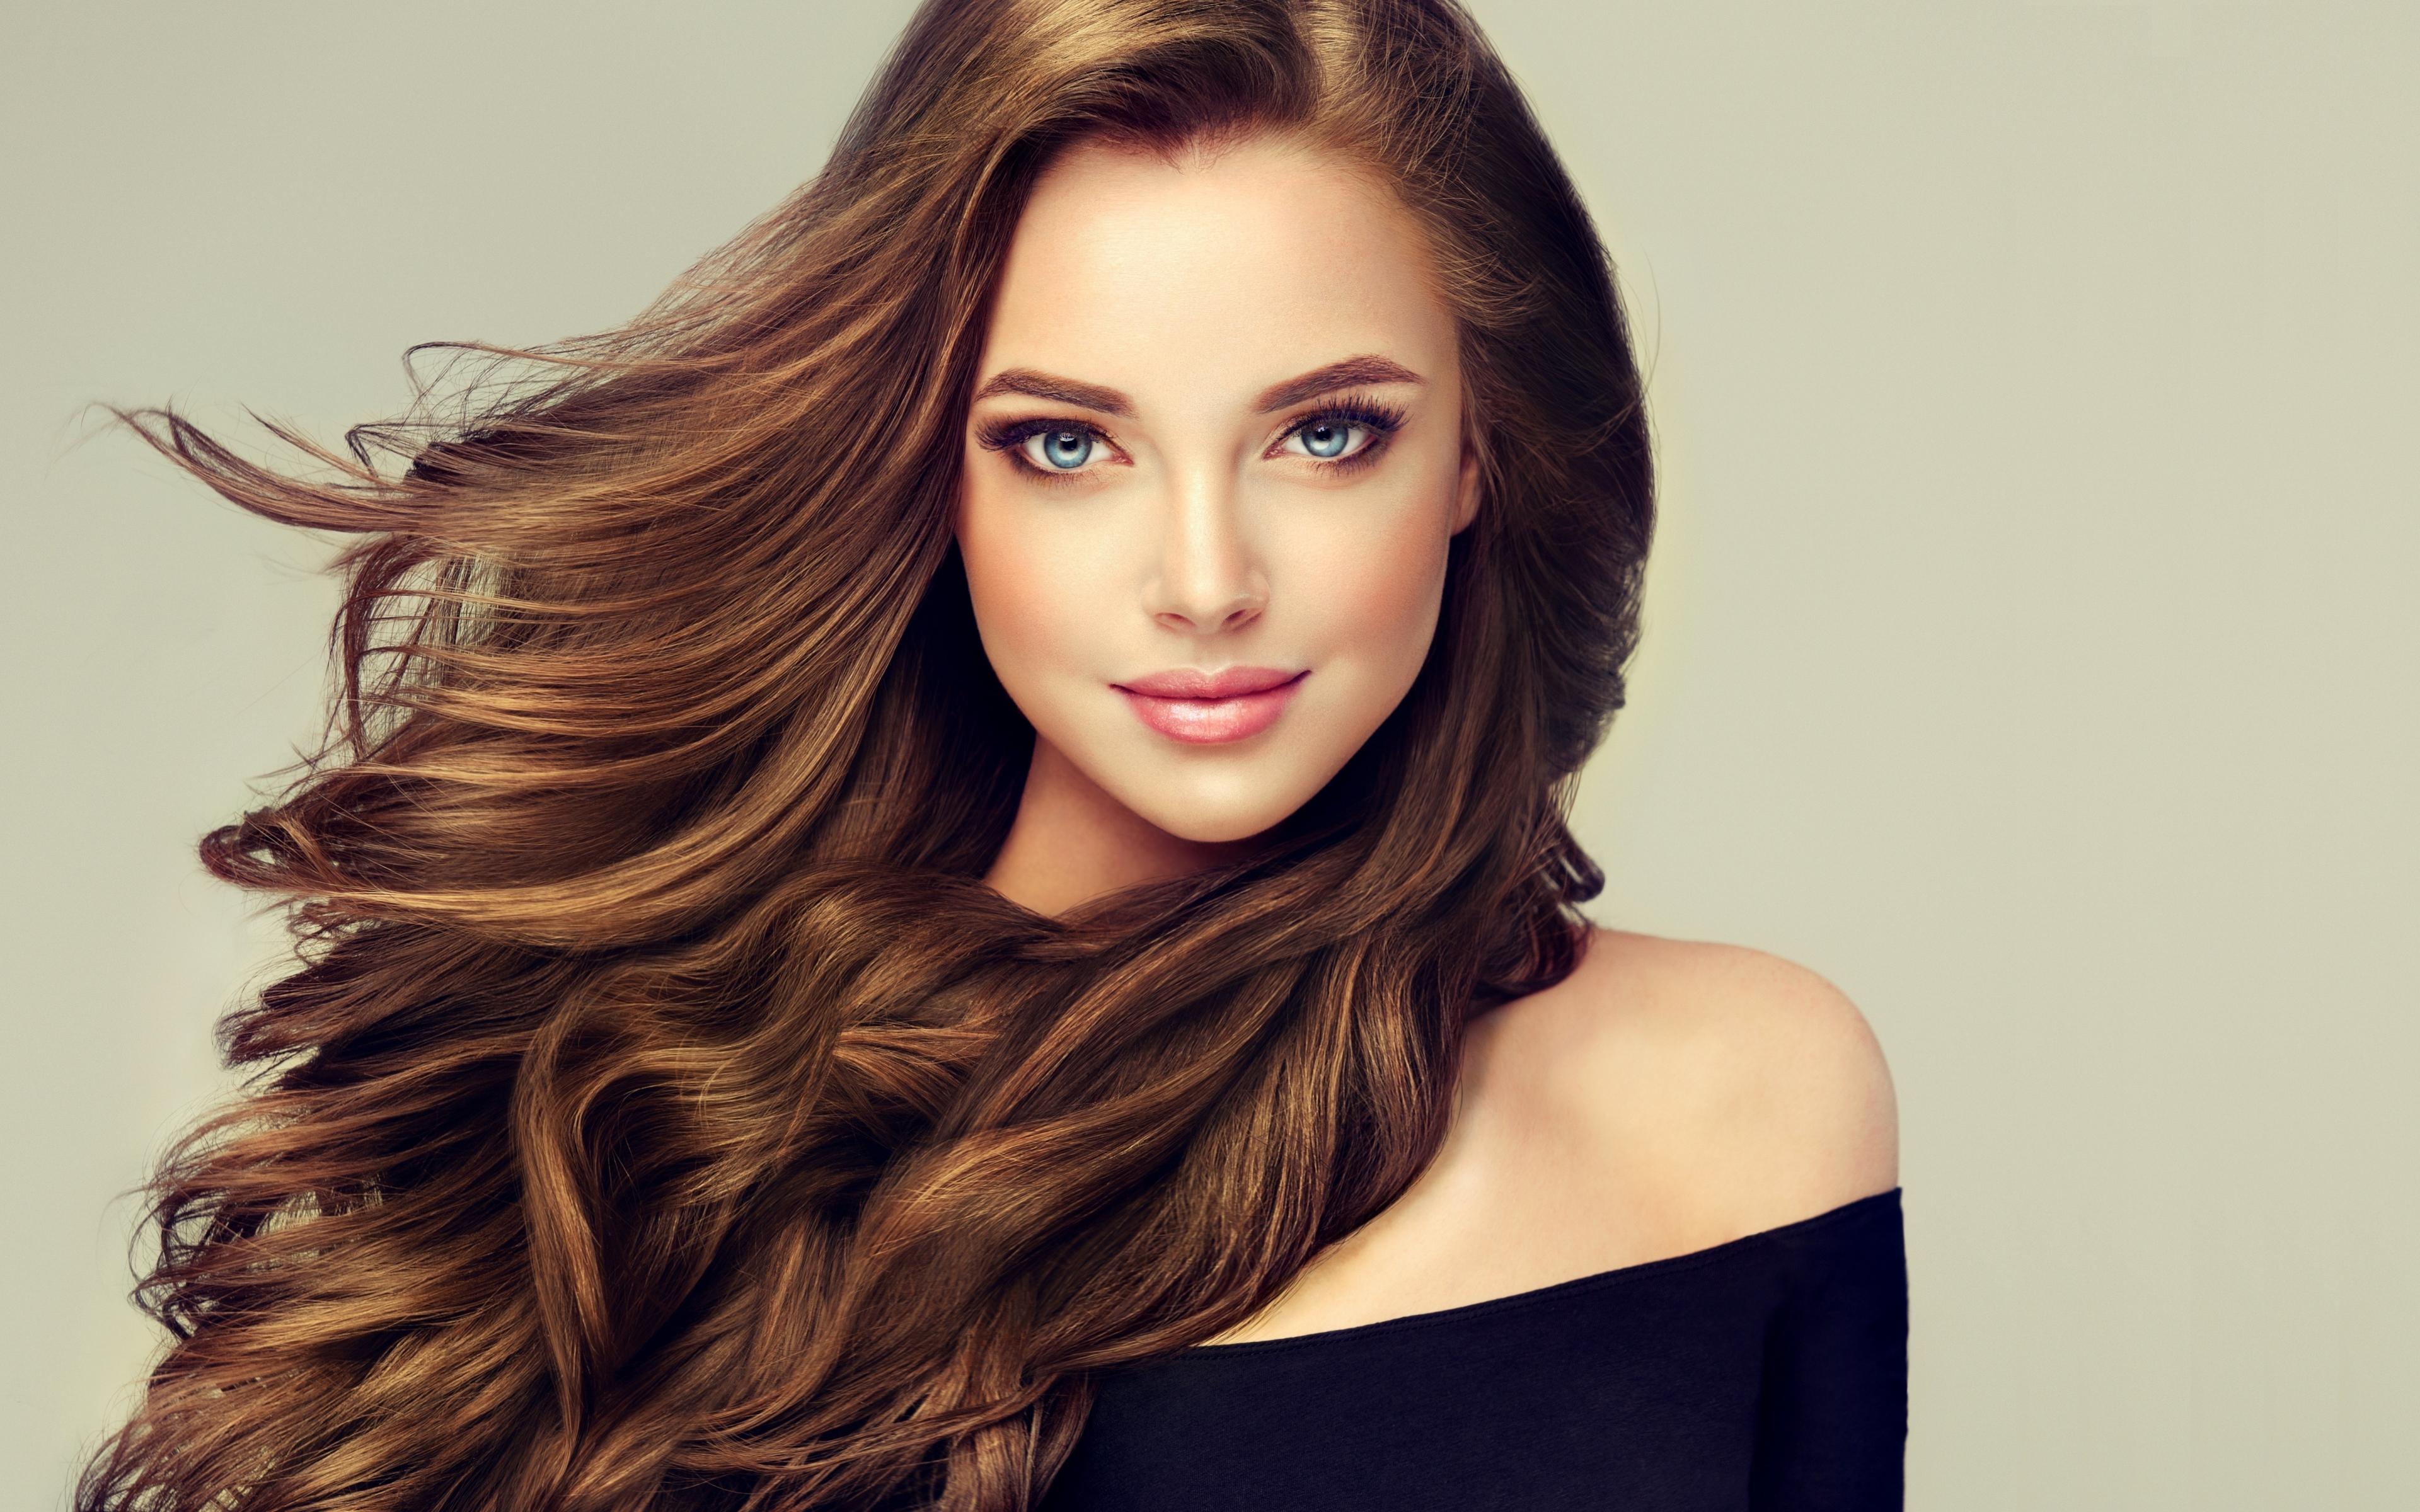 Download 3840x2400 Wallpaper Beautiful Girl Model Juicy Lips Brunette 4k Ultra Hd 16 10 Widescreen 3840x2400 Hd Image Background 7960